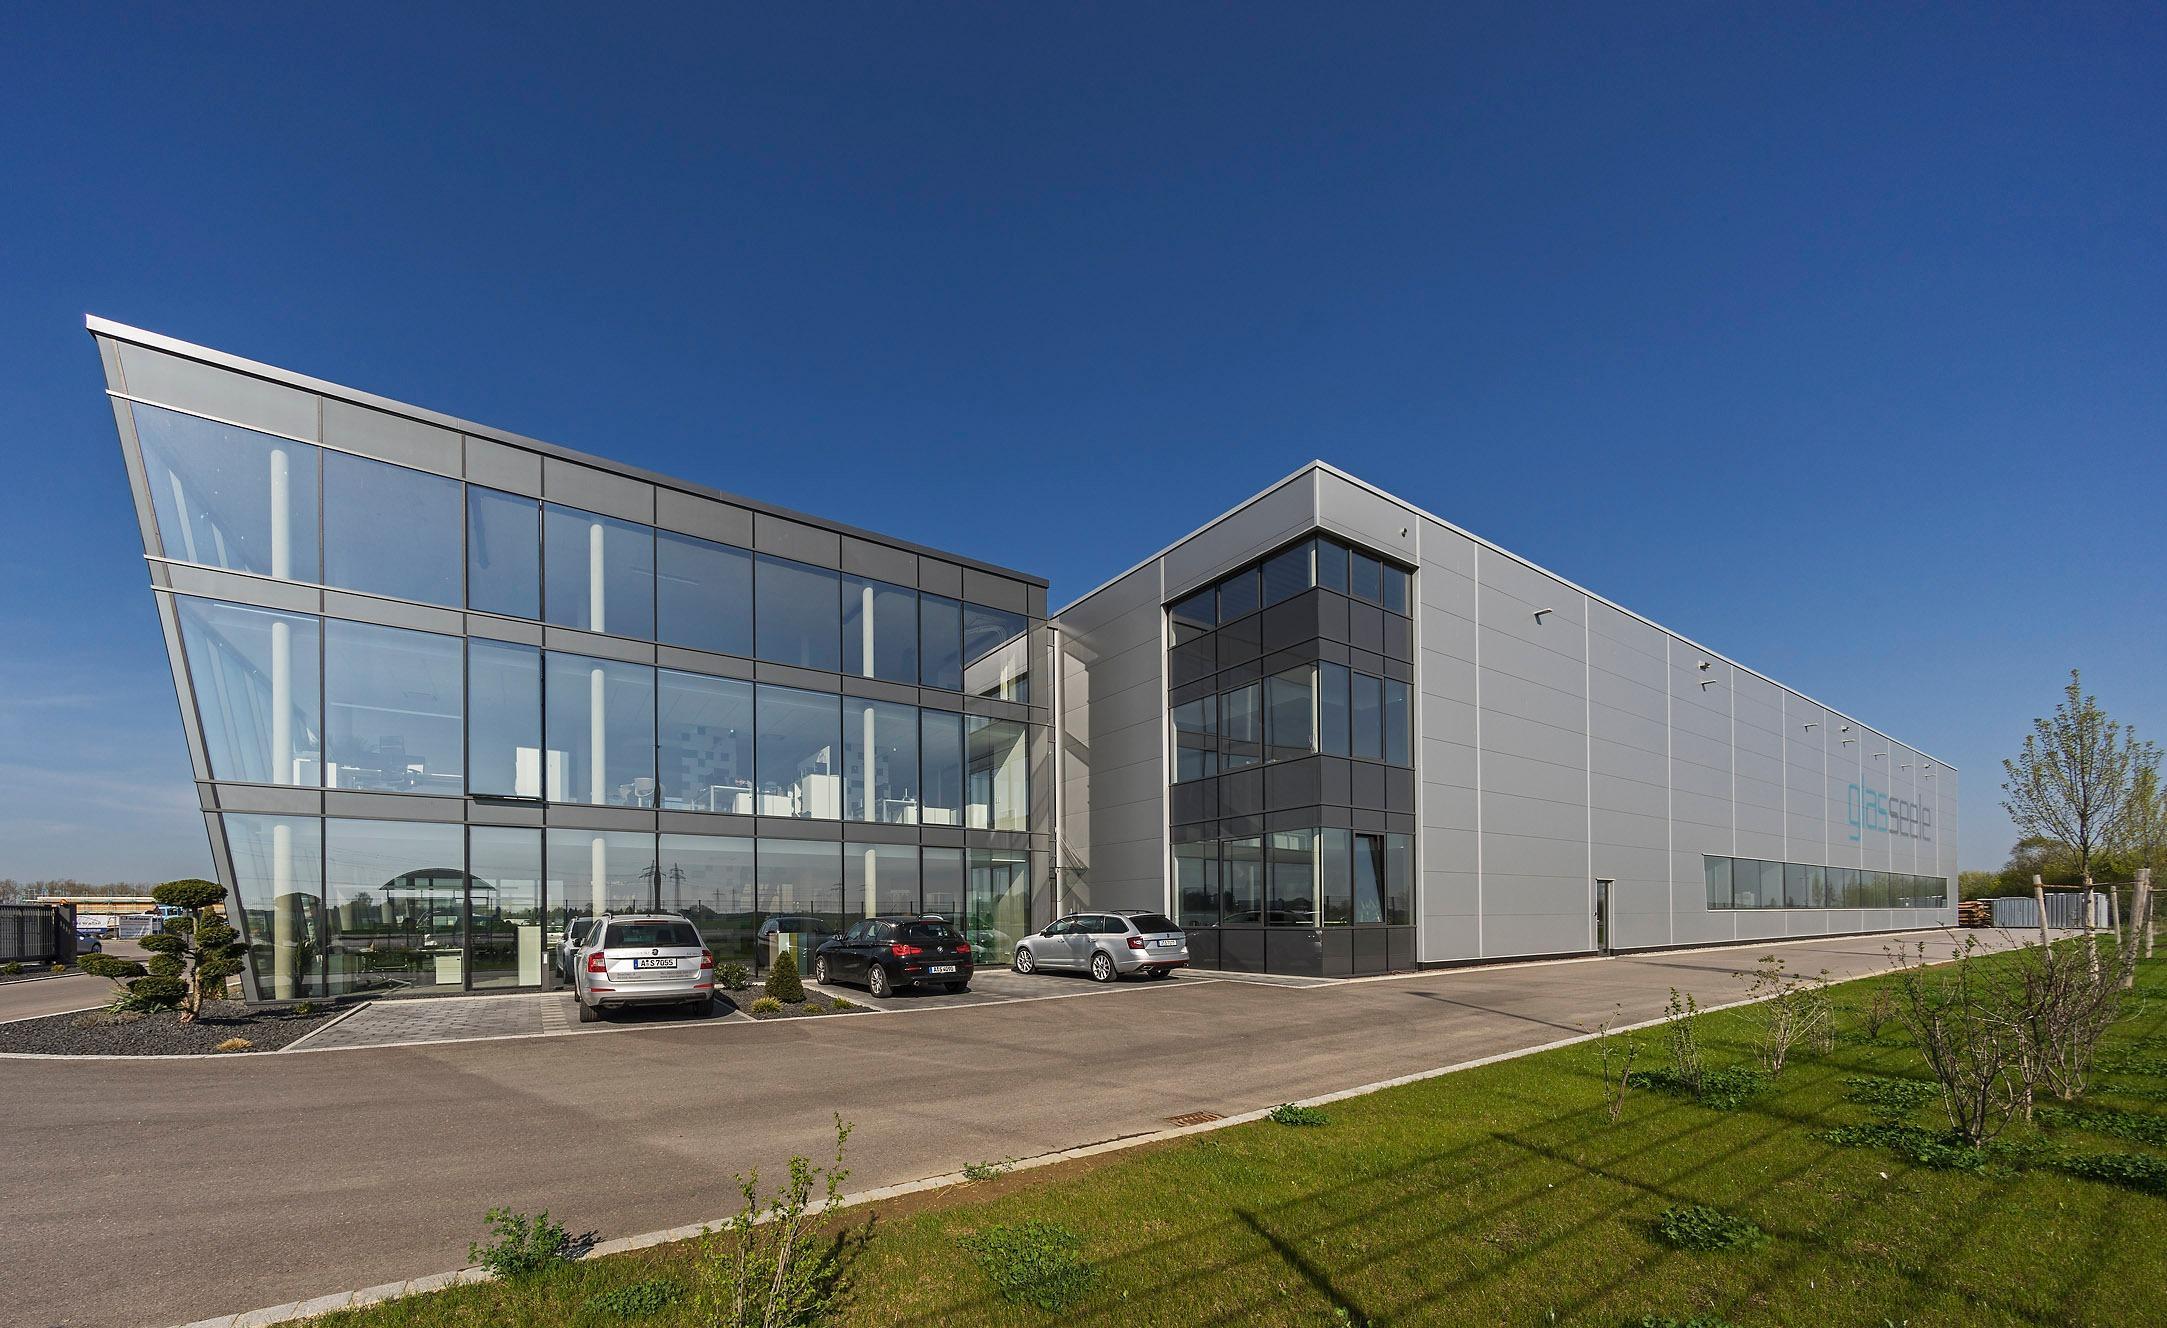 Foto de glas seele GmbH